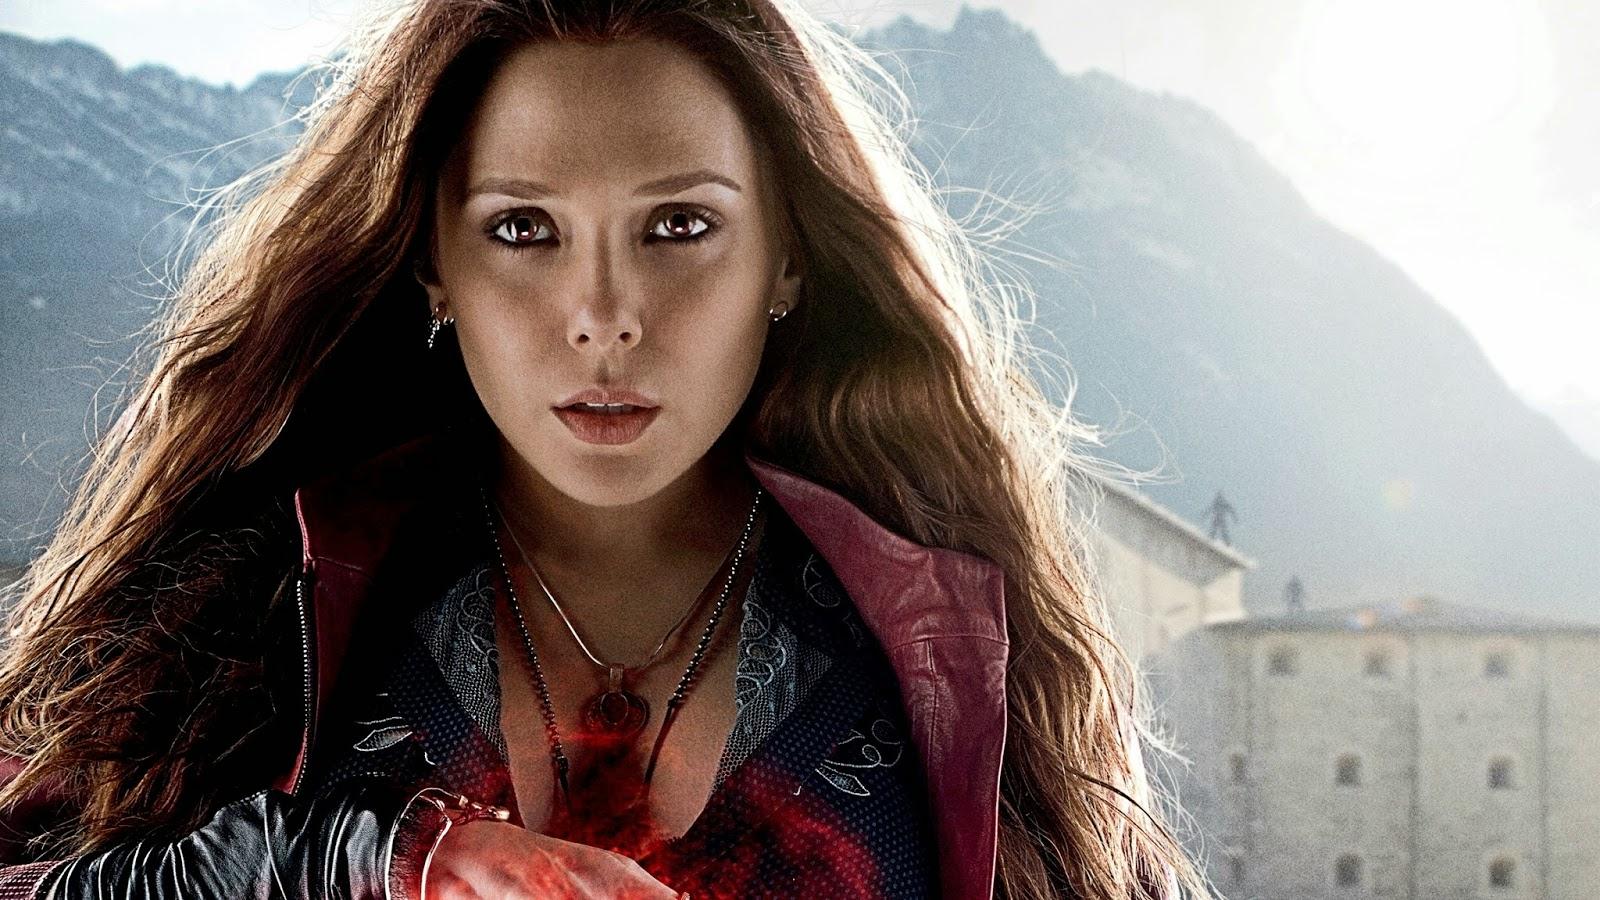 scarlet-witch-avengers-age-of-ultron-elizabeth-olsen-4k-3840x2160.jpg